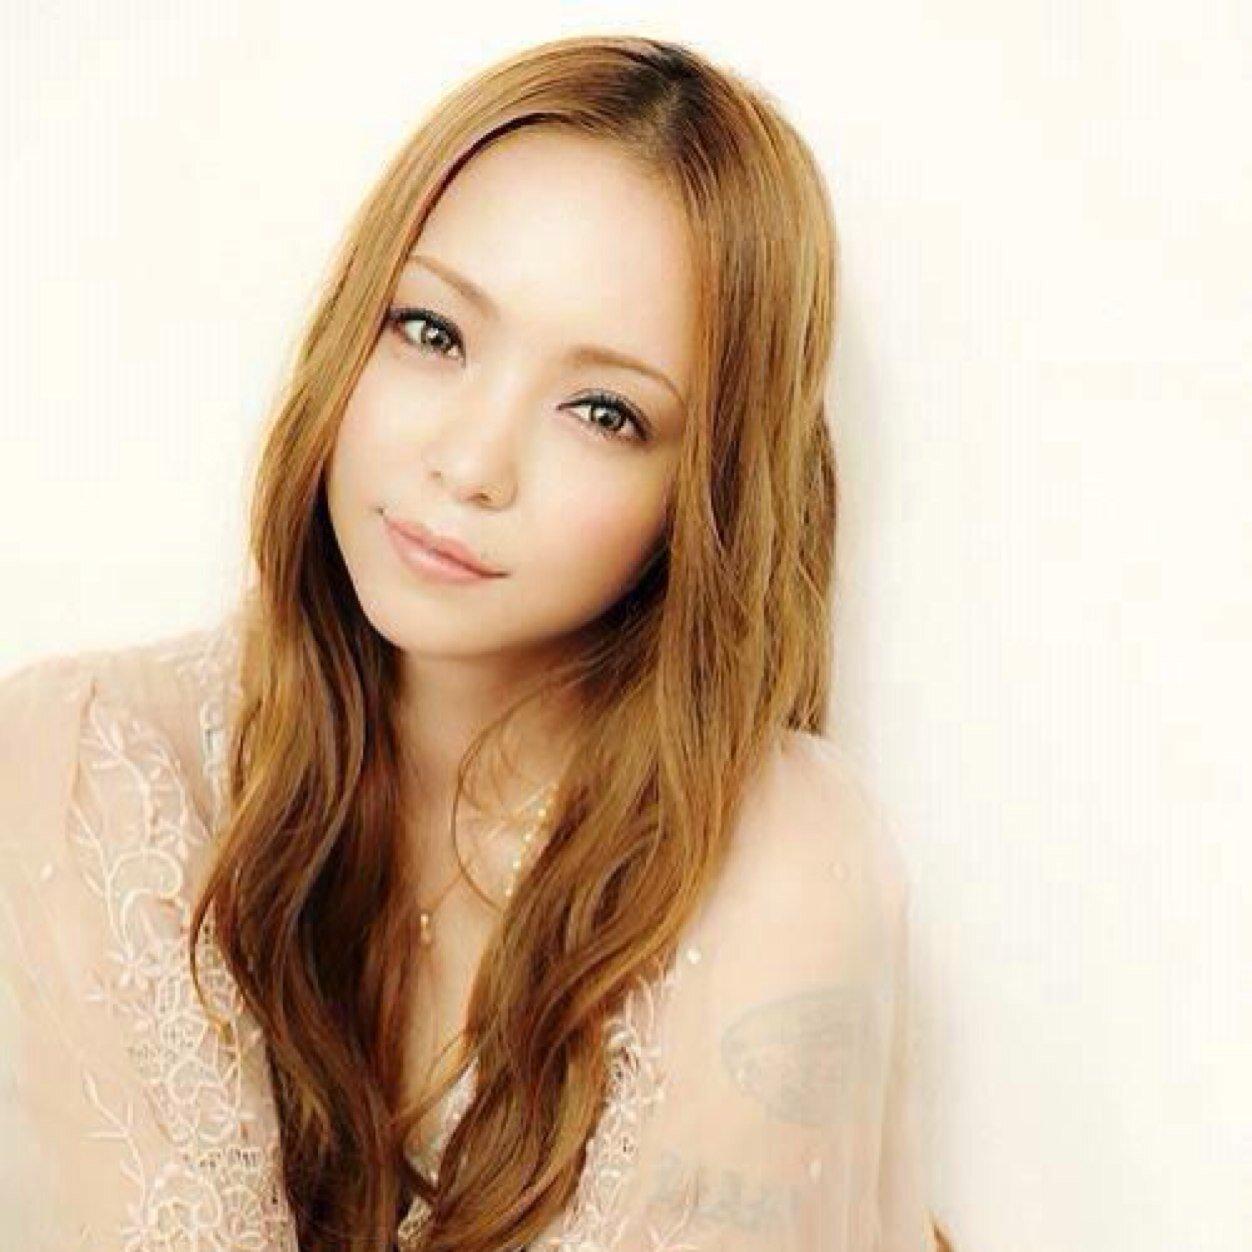 【モテ女王・安室奈美恵】「絶対にモテる」女子について告白!?のサムネイル画像